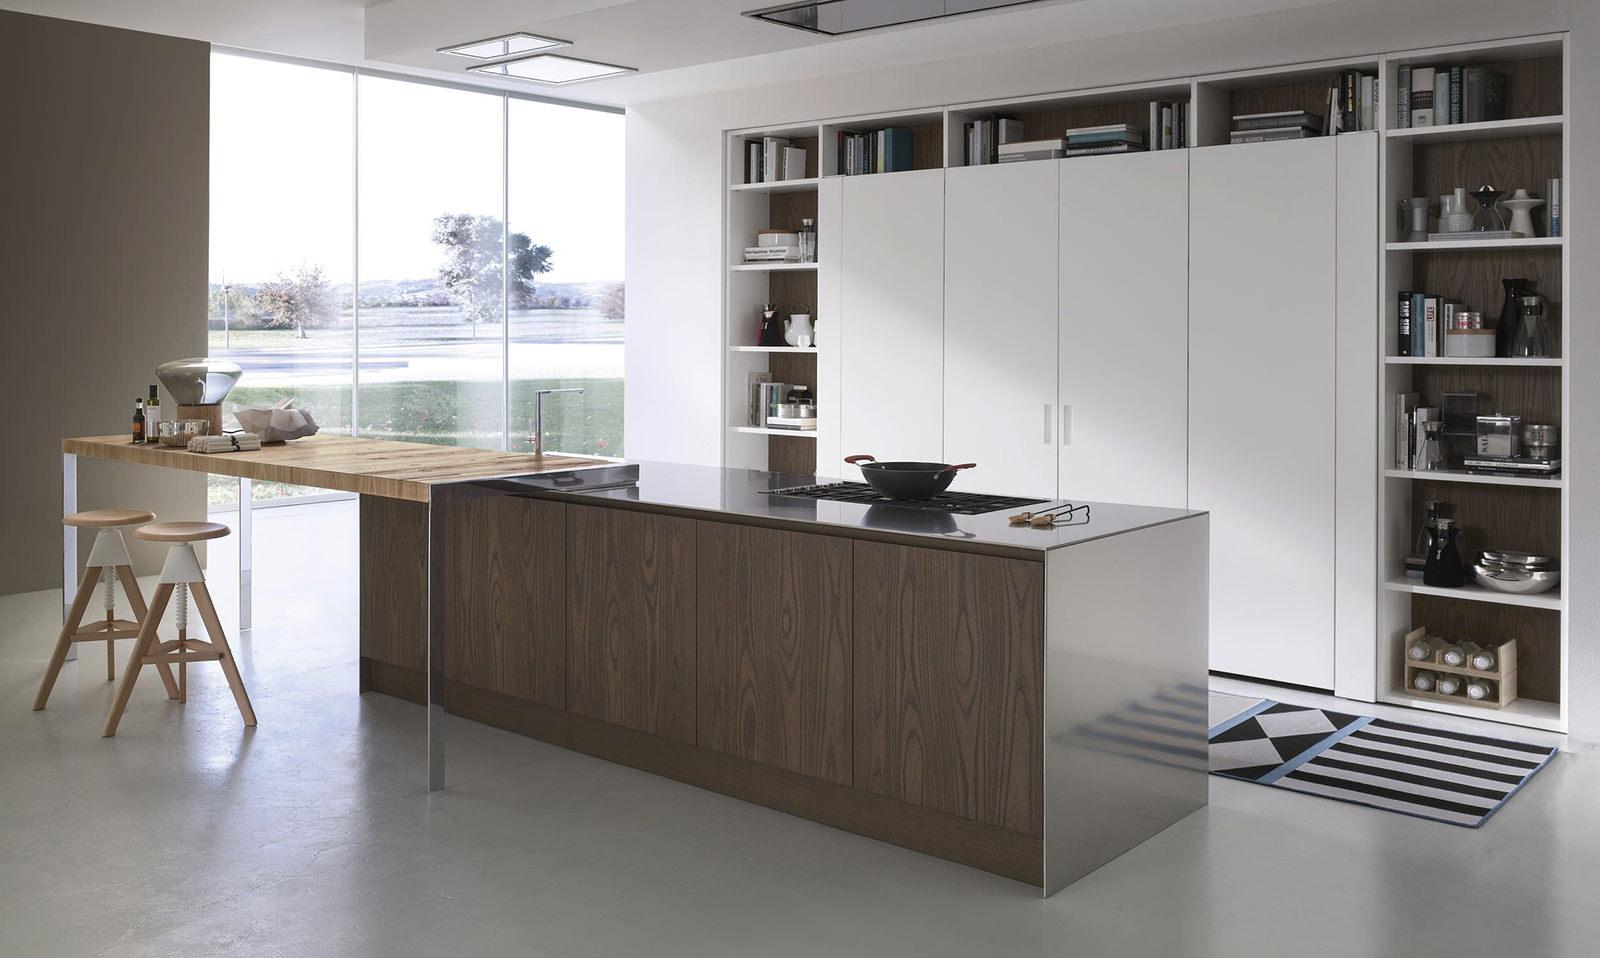 Бежевый, коричневый и белый цвета в интерьере кухни в стиле минимализм